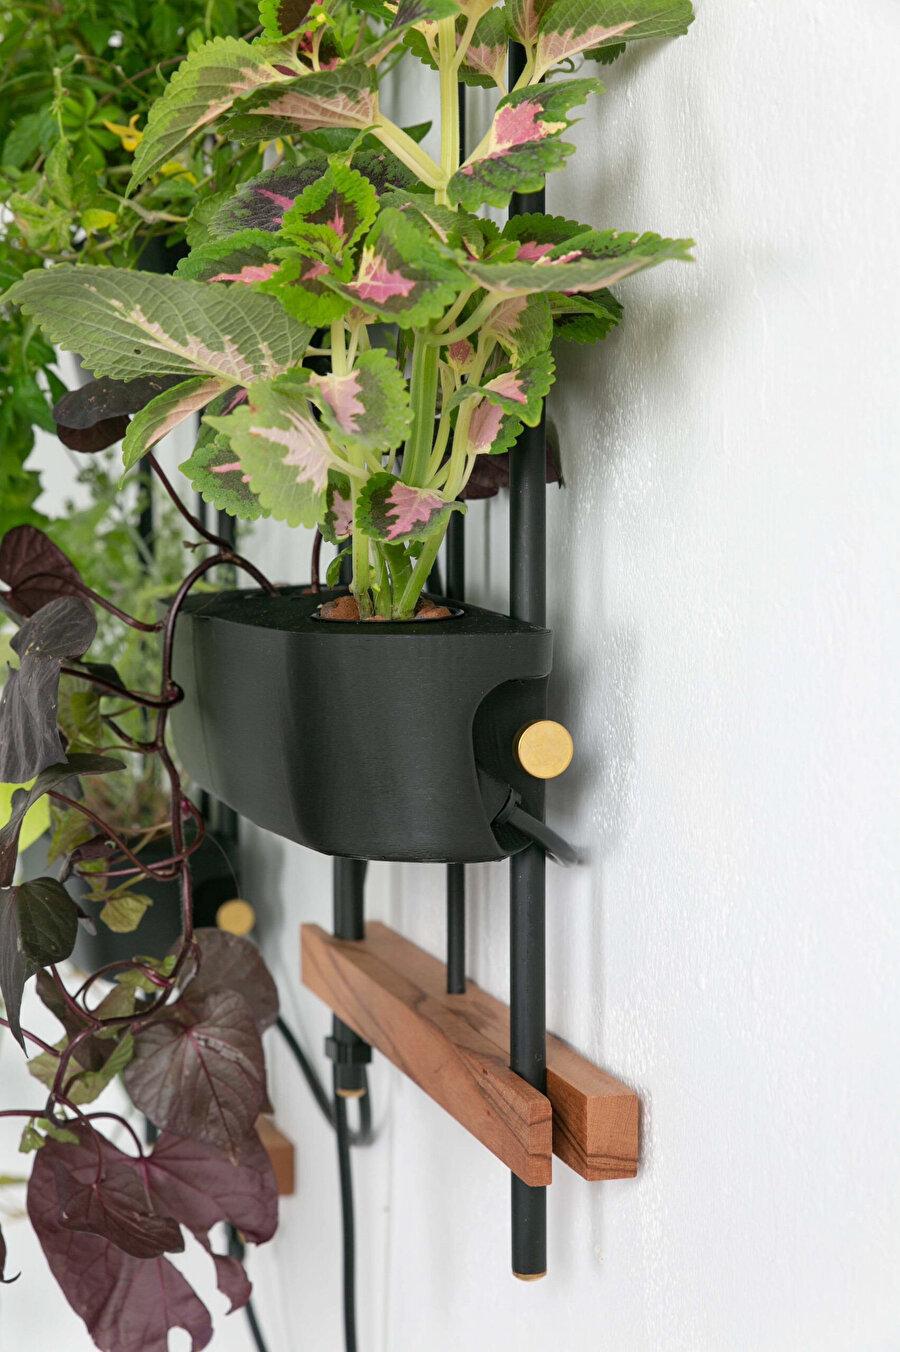 Bitkileri ve bitkilerin kök sistemlerini desteklemek için genellikle kum, turba, vermikülit, perlit, hindistan cevizi, kaya yünü veya genleştirilmiş kil agregası gibi malzemeler kullanılıyor.